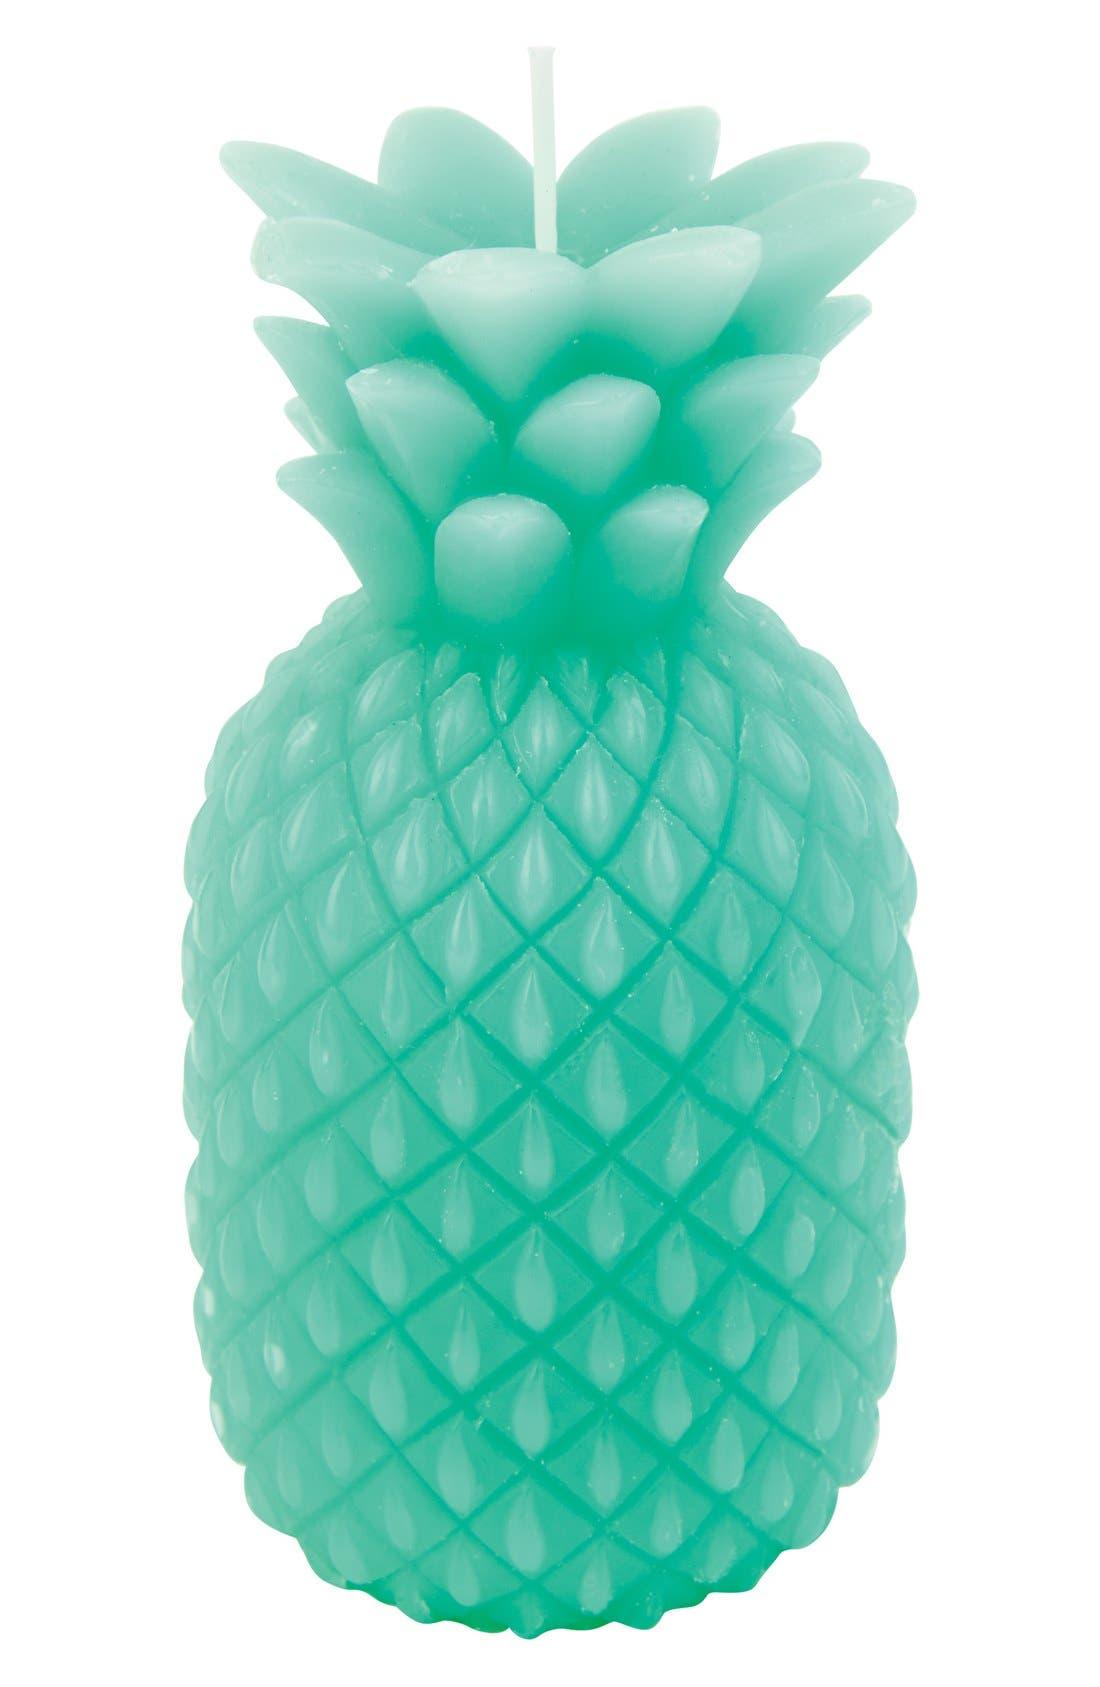 Main Image - Sunnylife Pineapple Candle